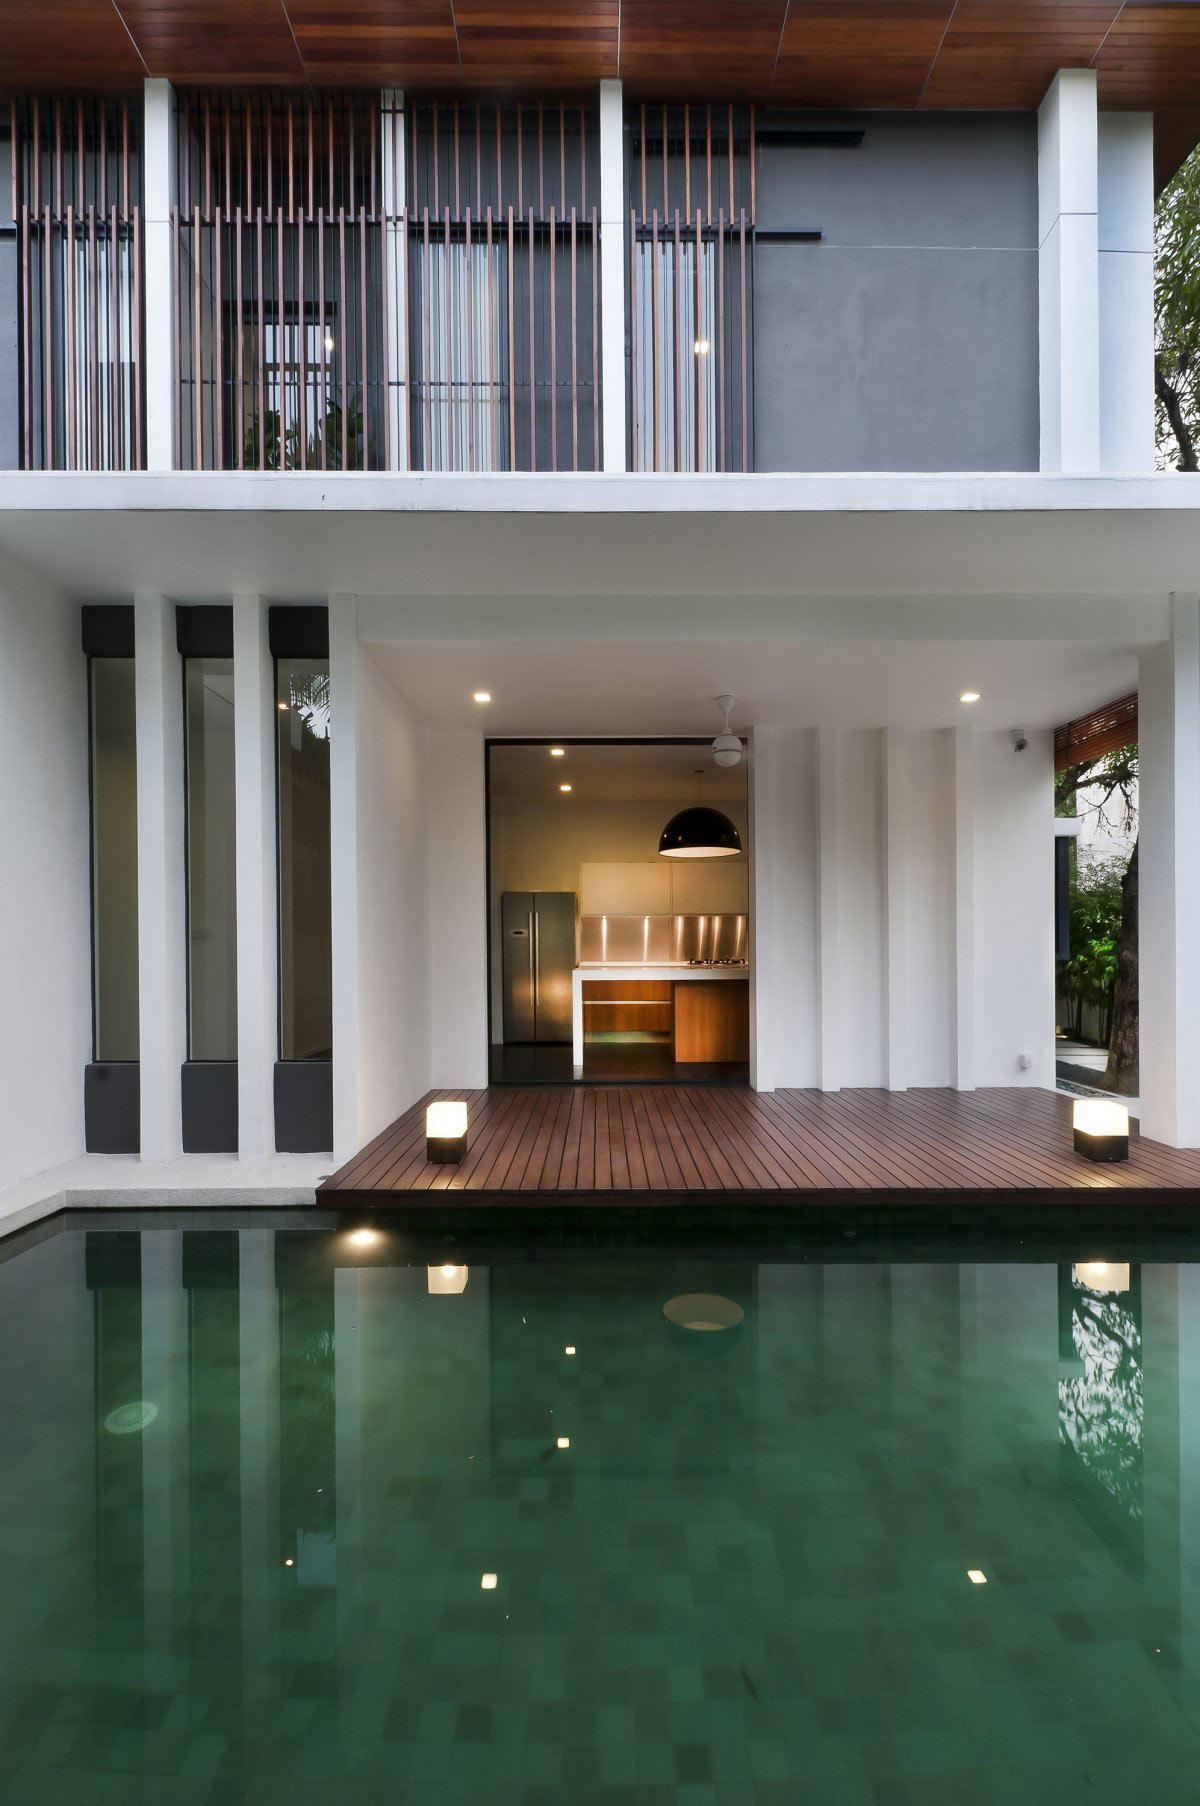 Pool, Deck, Lighting, Modern Home in Kuala Lumpur